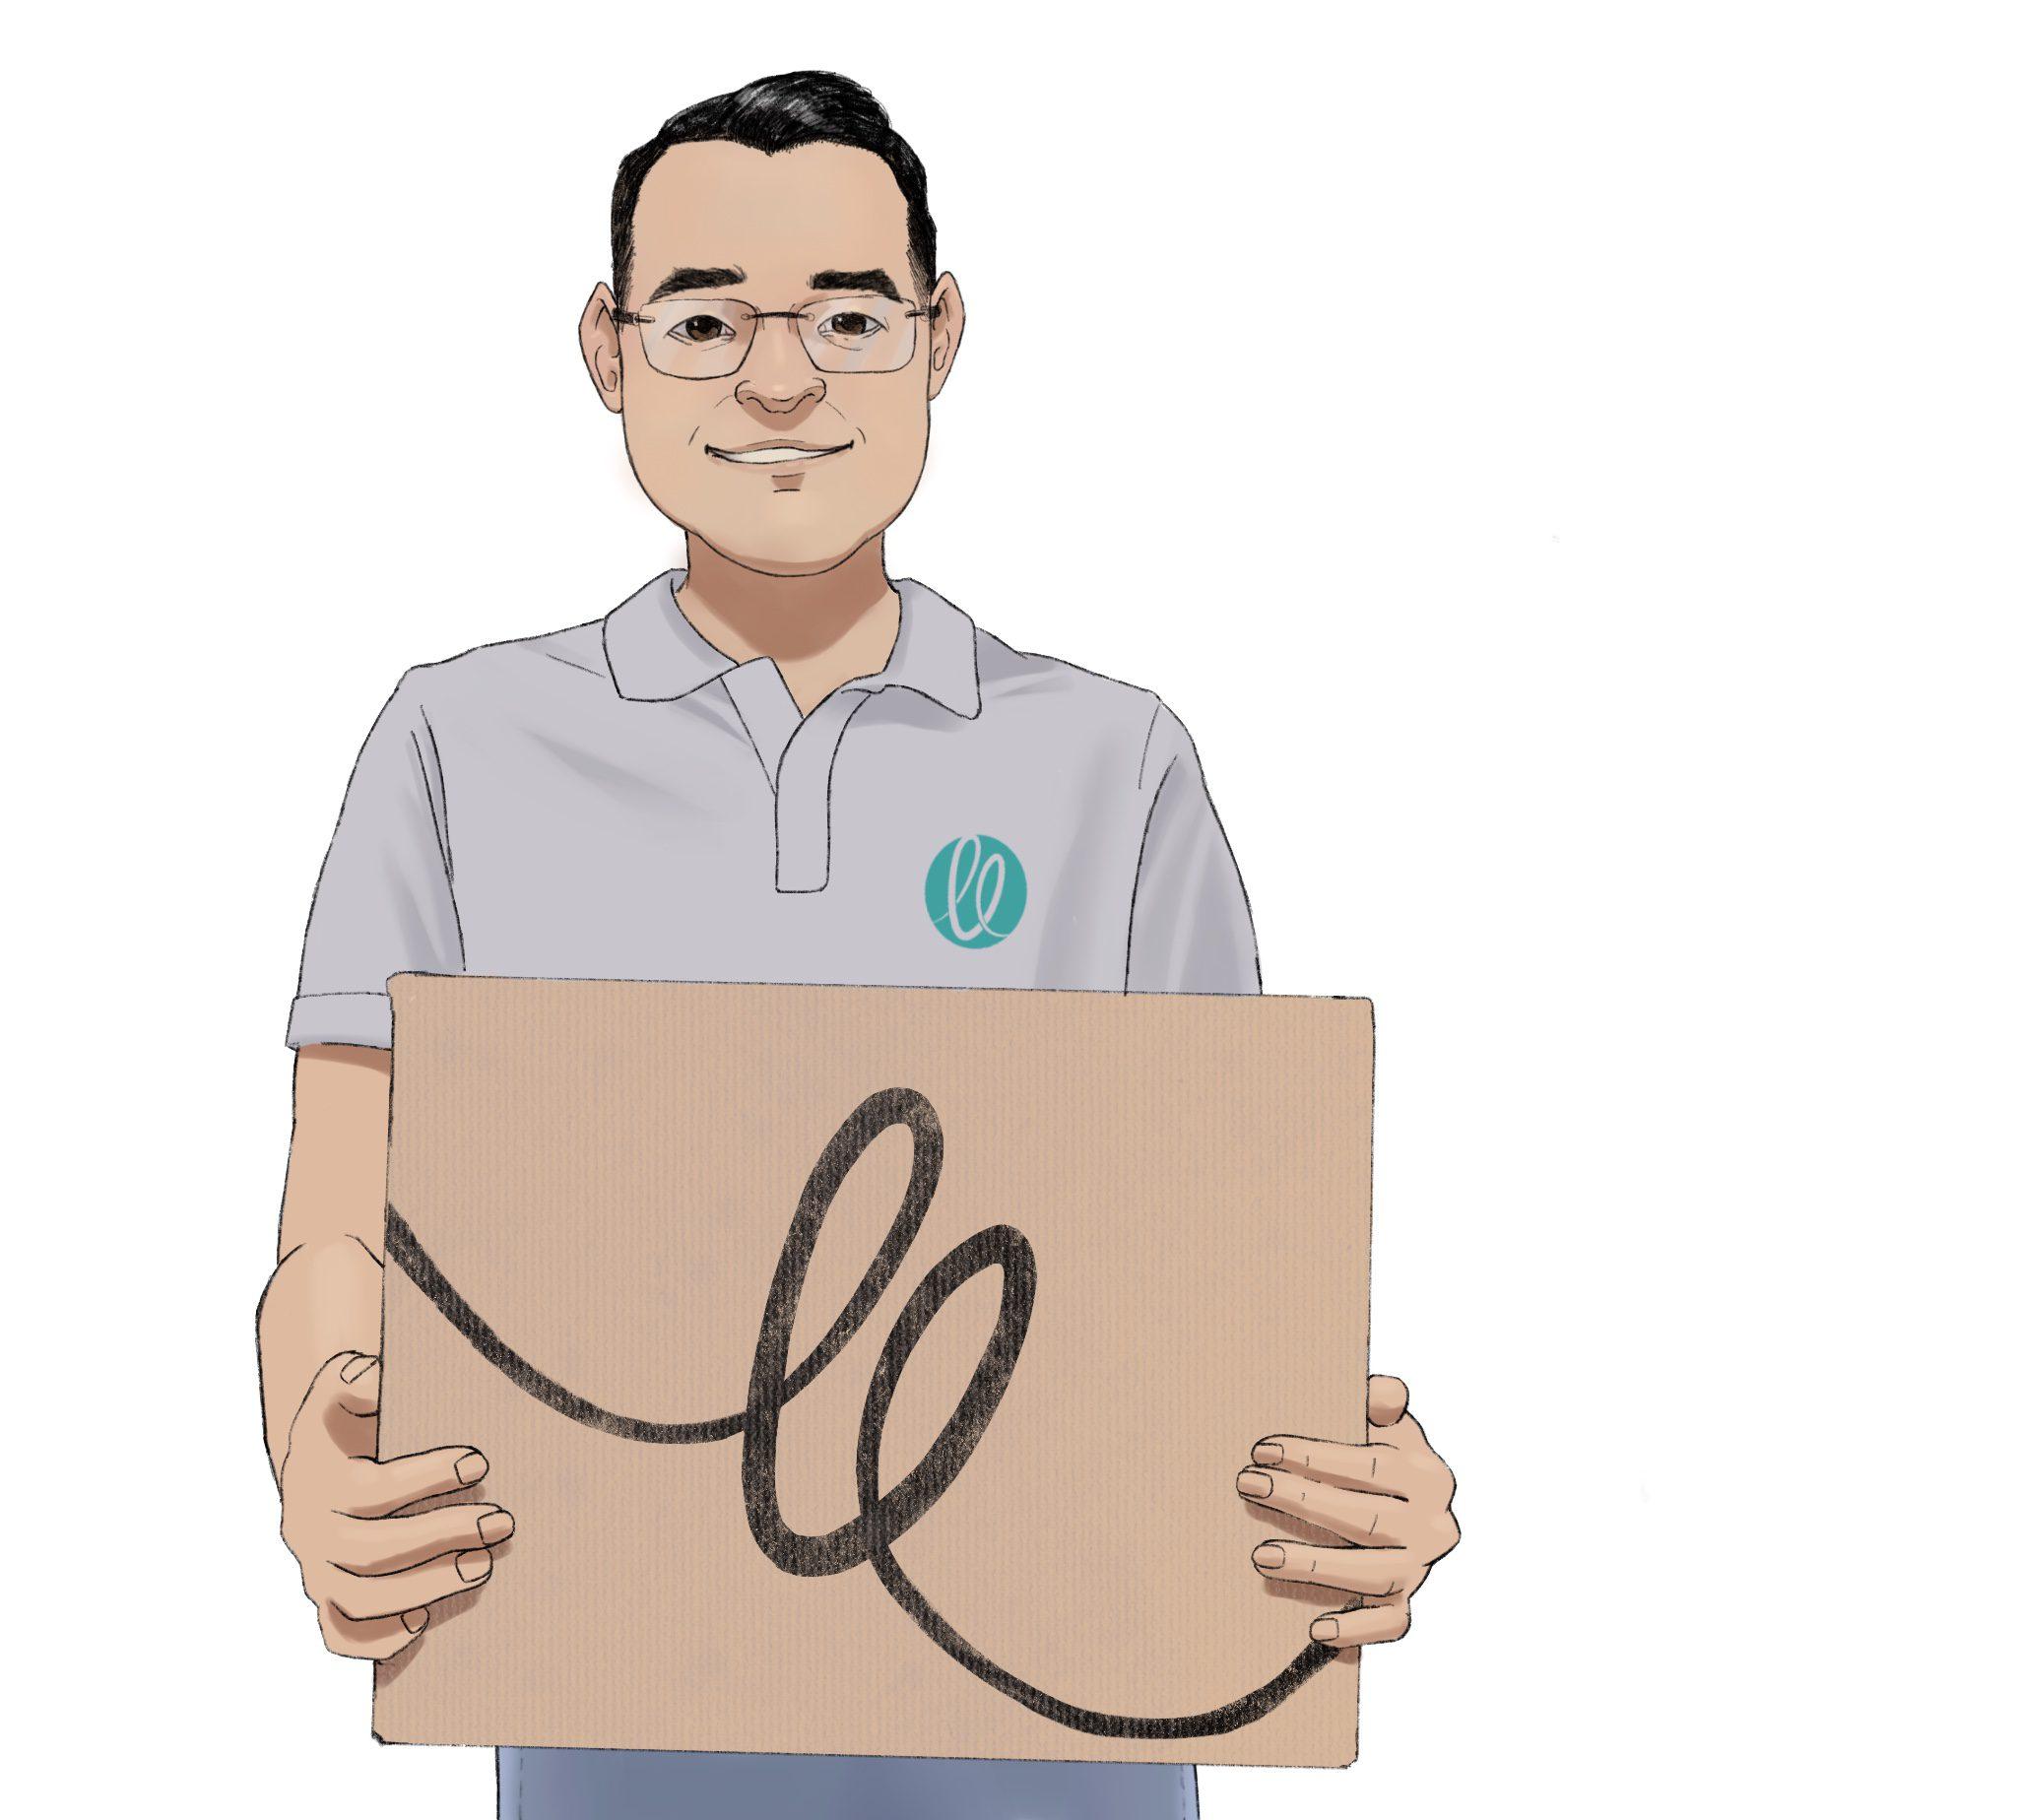 Homem de óculos segurando caixa